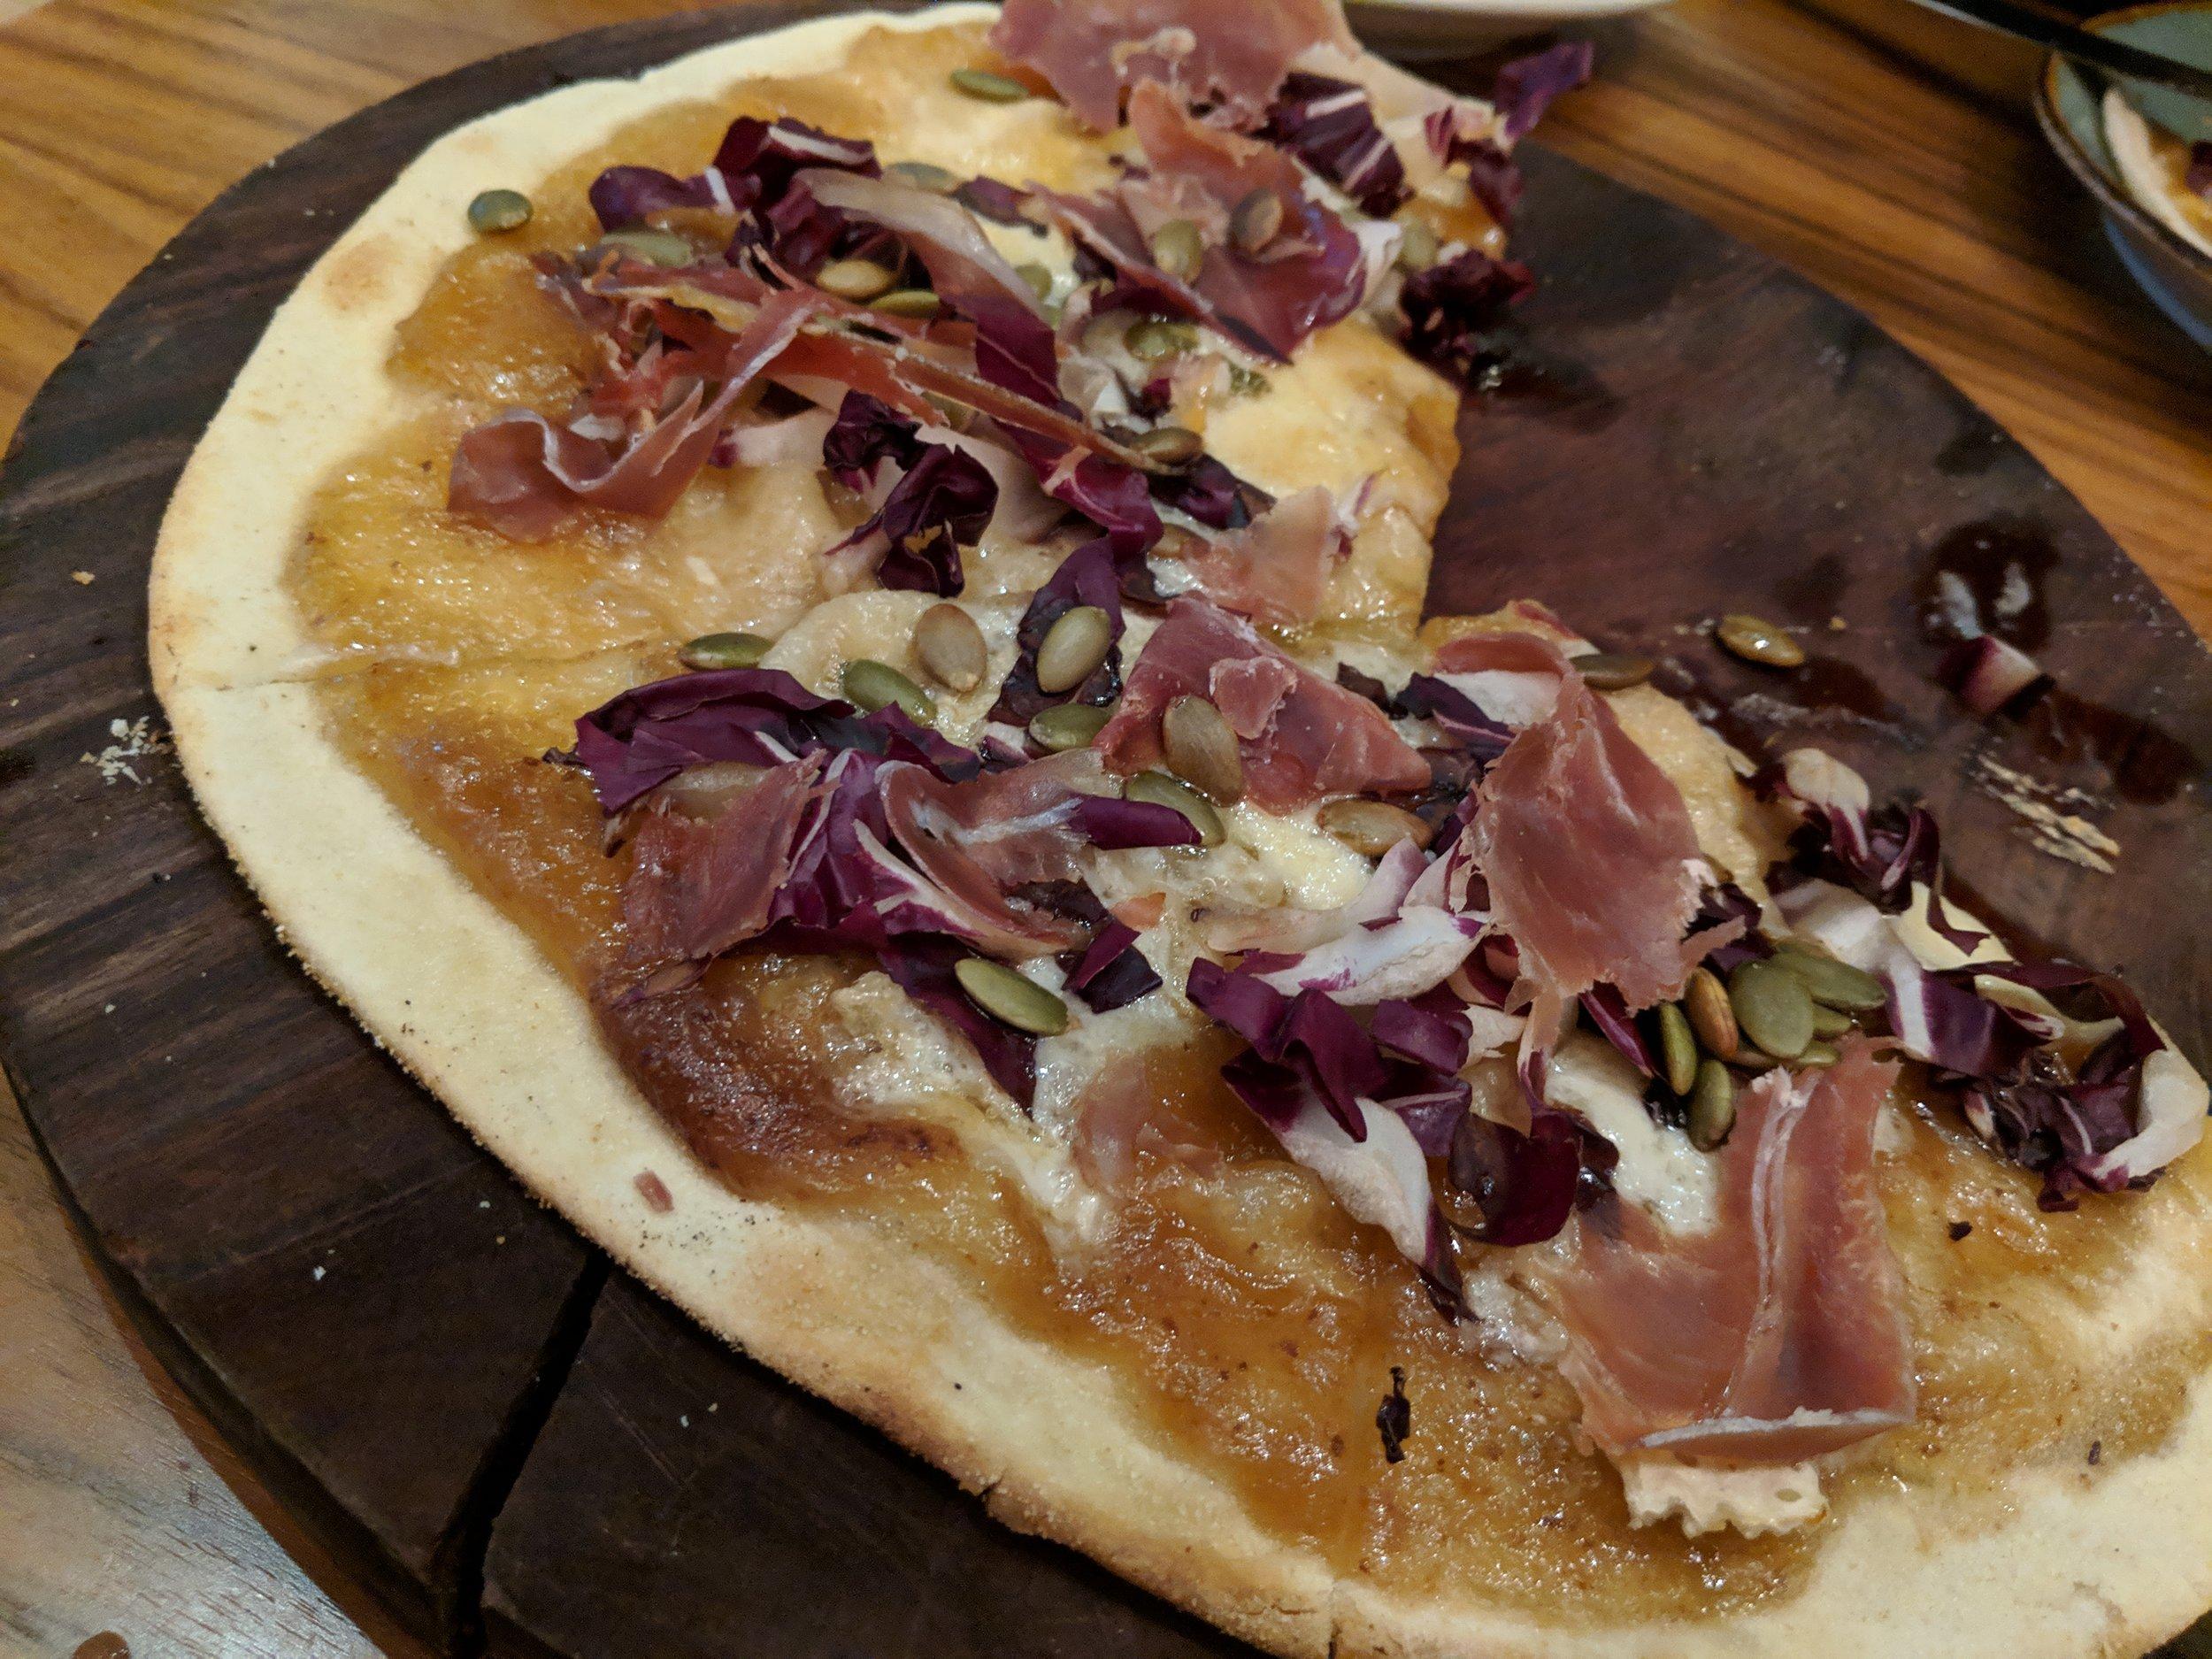 Serrano ham pizza